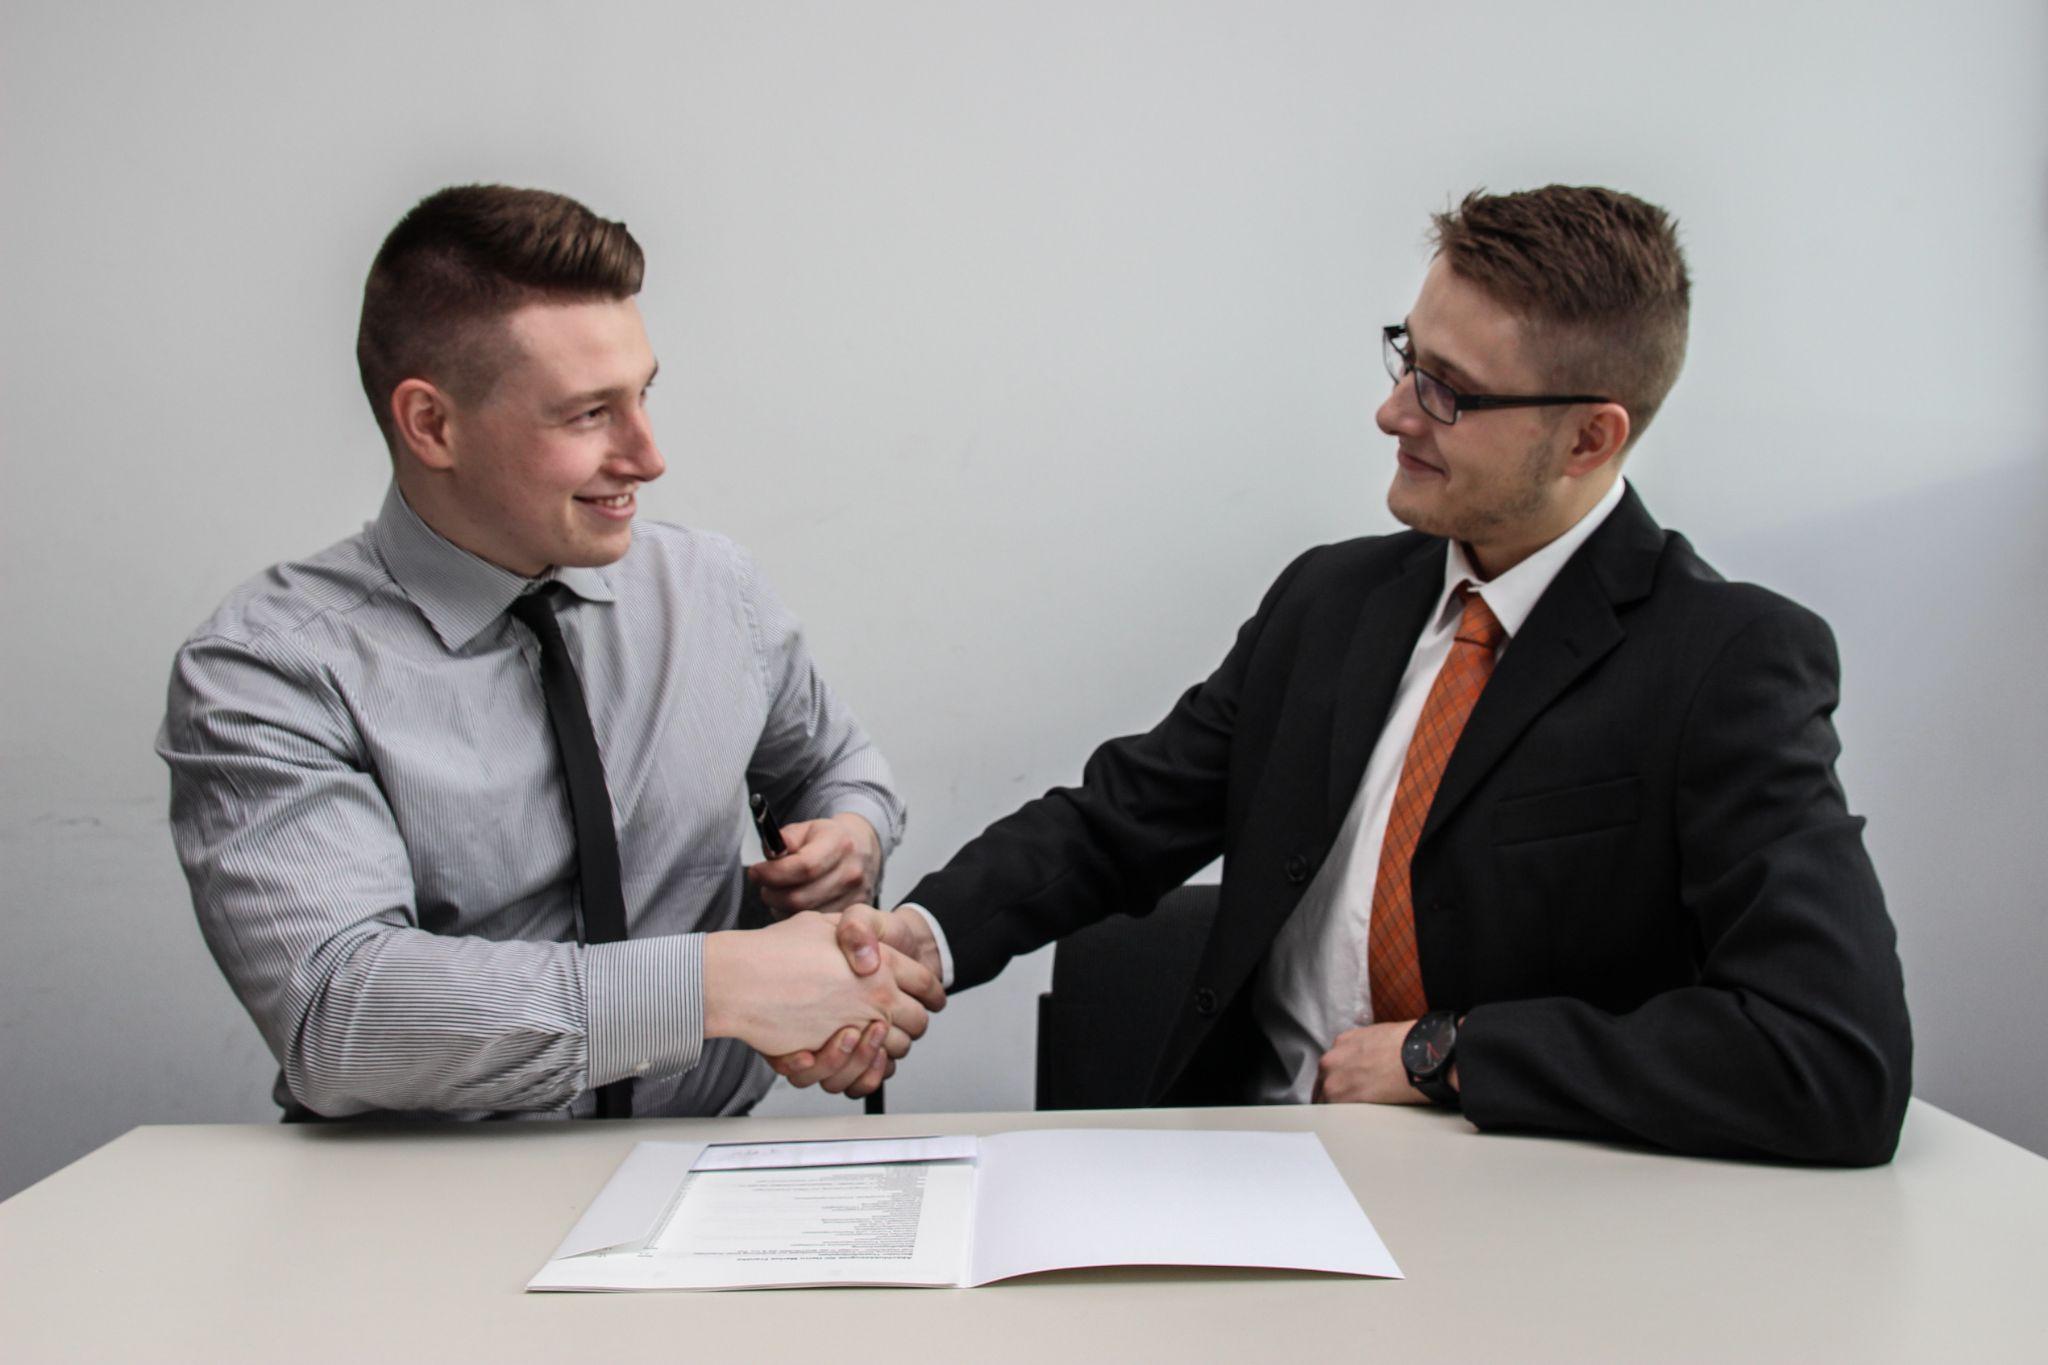 ビジネス部門でのキャリアパス